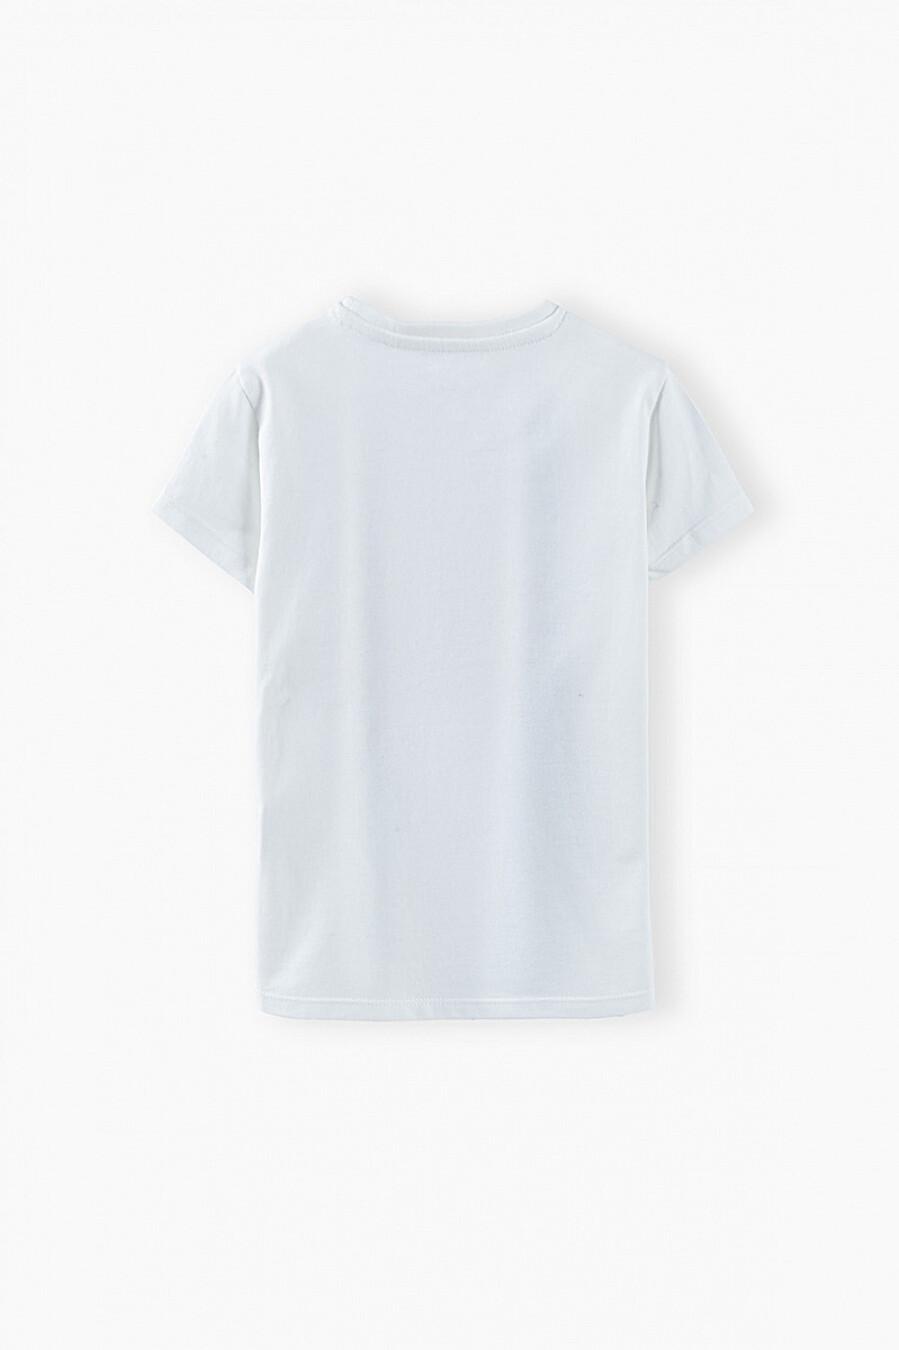 Футболка для девочек 5.10.15 668602 купить оптом от производителя. Совместная покупка детской одежды в OptMoyo